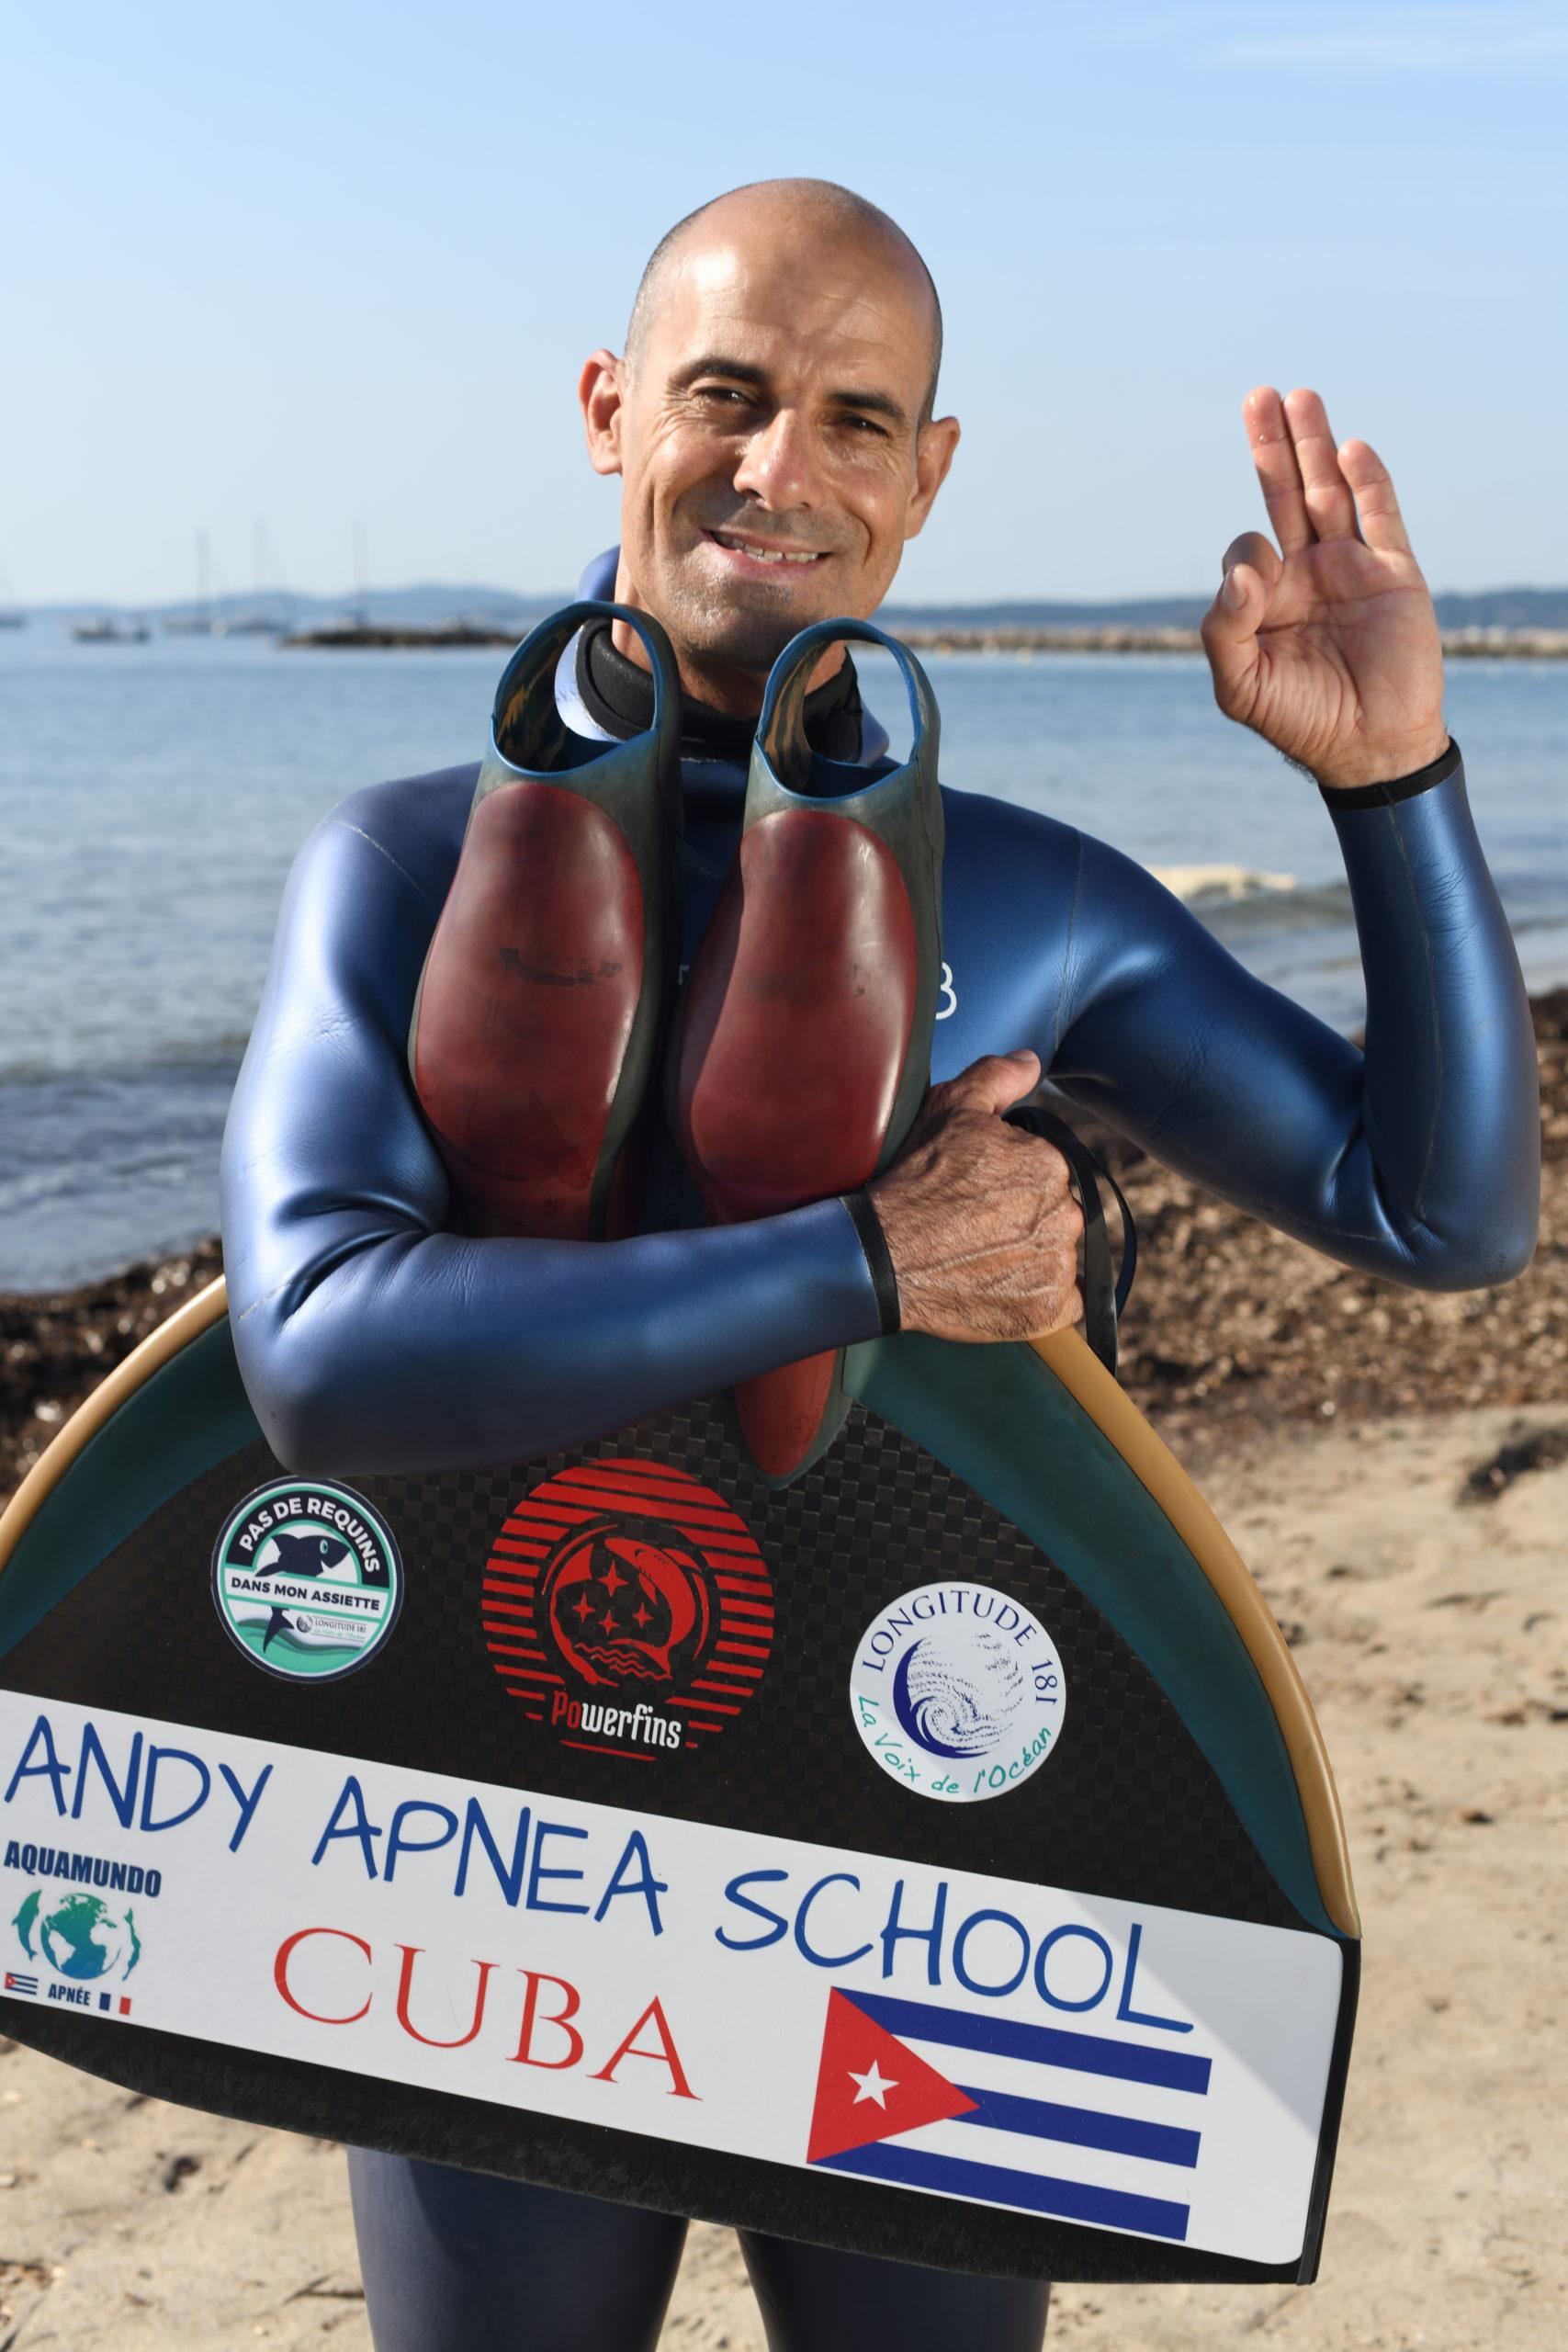 Portrait d'Andy Cabrera Avila avant de se lancer à l'eau. © Yann Valton